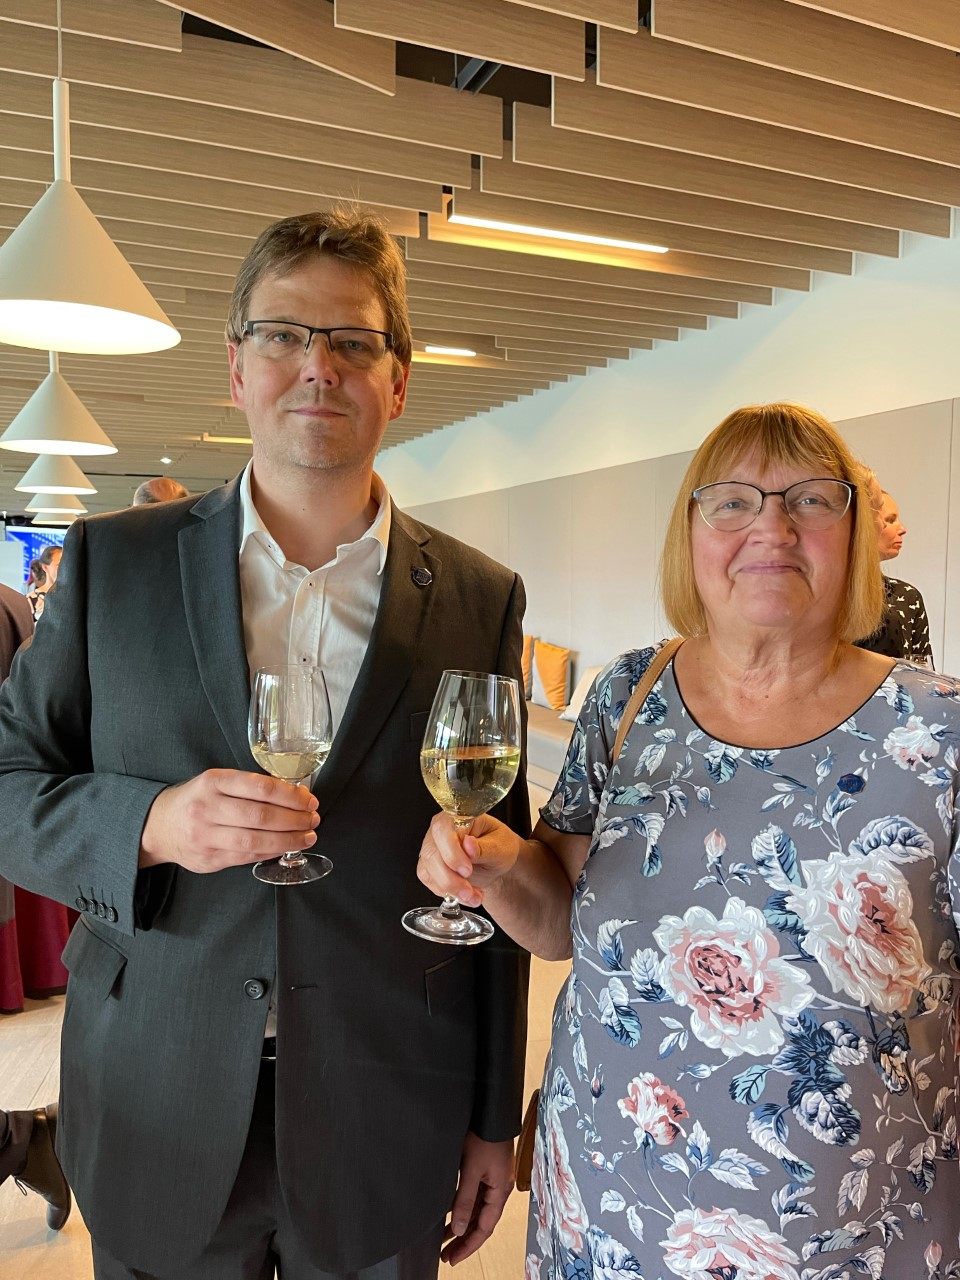 Tartu Ülikool tänas aumärgiga matemaatika didaktika nooremlektorit Sirje Pihlapit. Aumärgi sai Tartu Ülikoolilt ka matemaatika ja statistika instituudi juhataja Meelis Käärik.